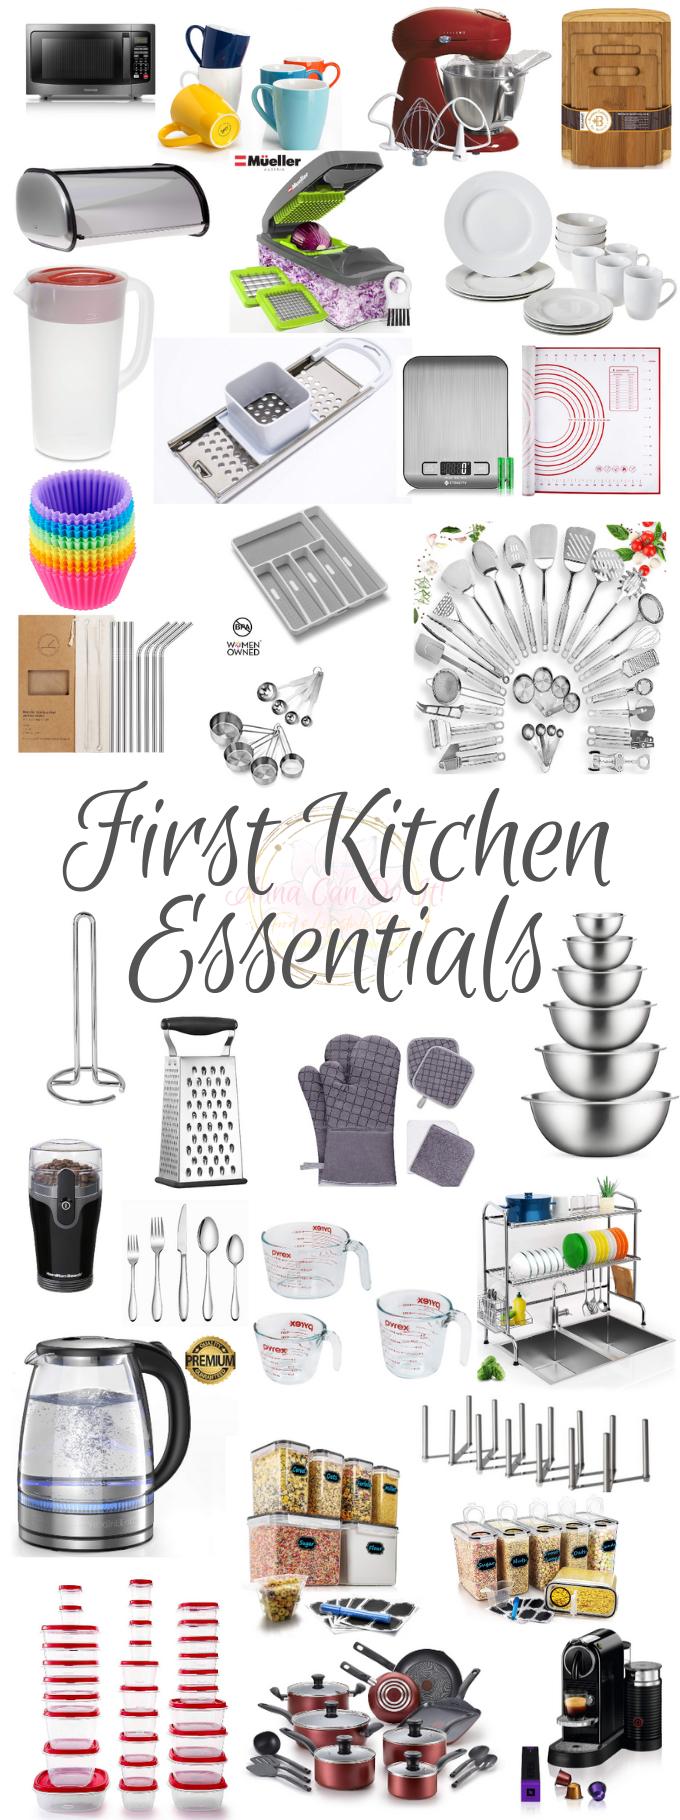 First Kitchen Essentials